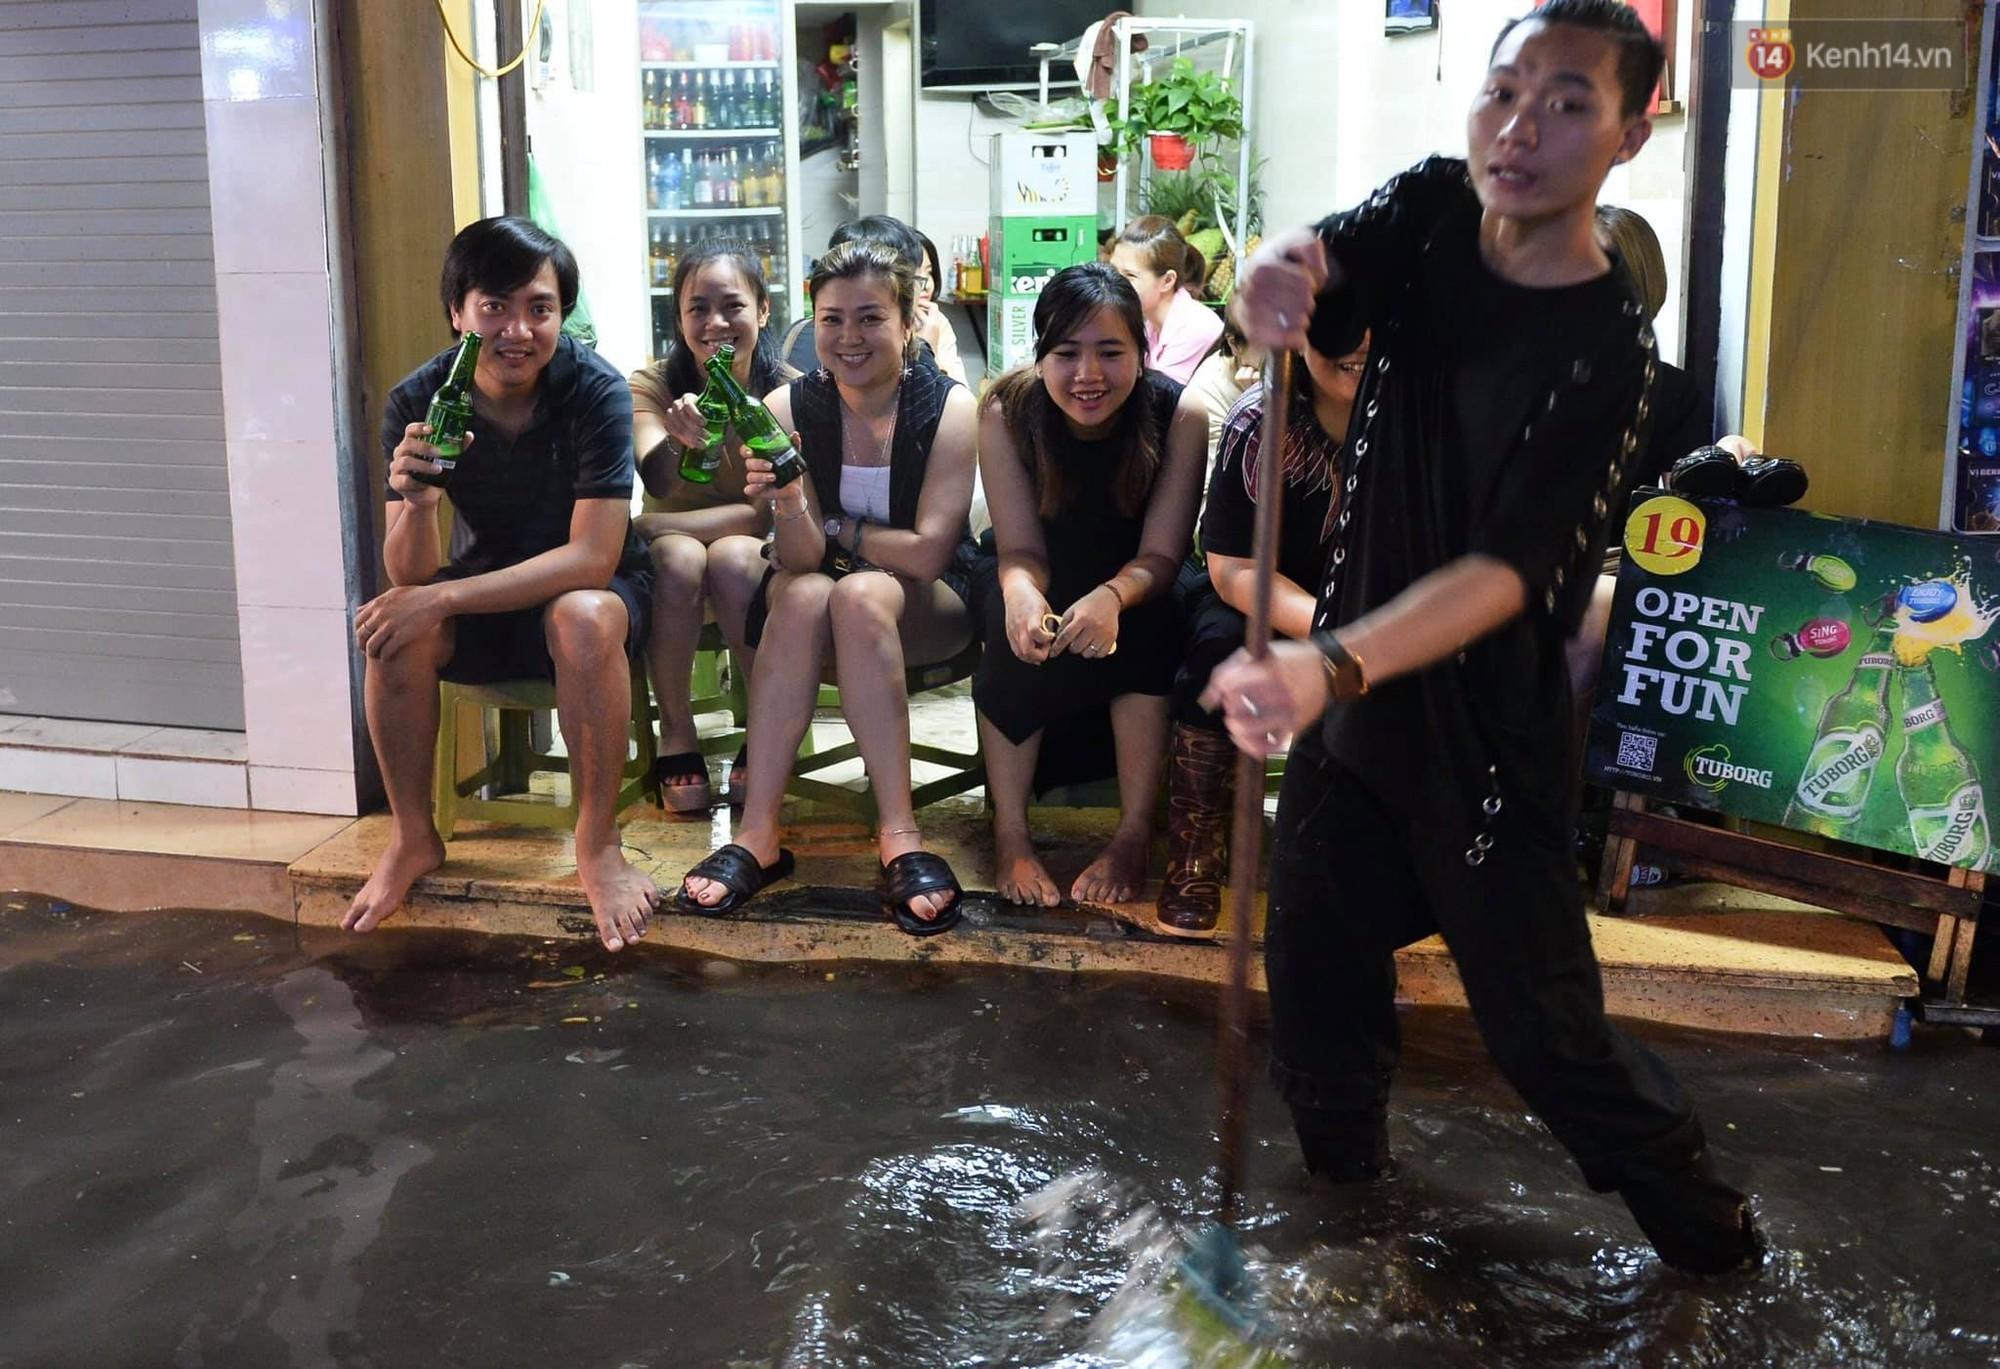 Hà Nội: Phố tây Tạ Hiện - Lương Ngọc Quyến mênh mông nước, nhiều cặp đôi phải cõng nhau di chuyển - Ảnh 7.